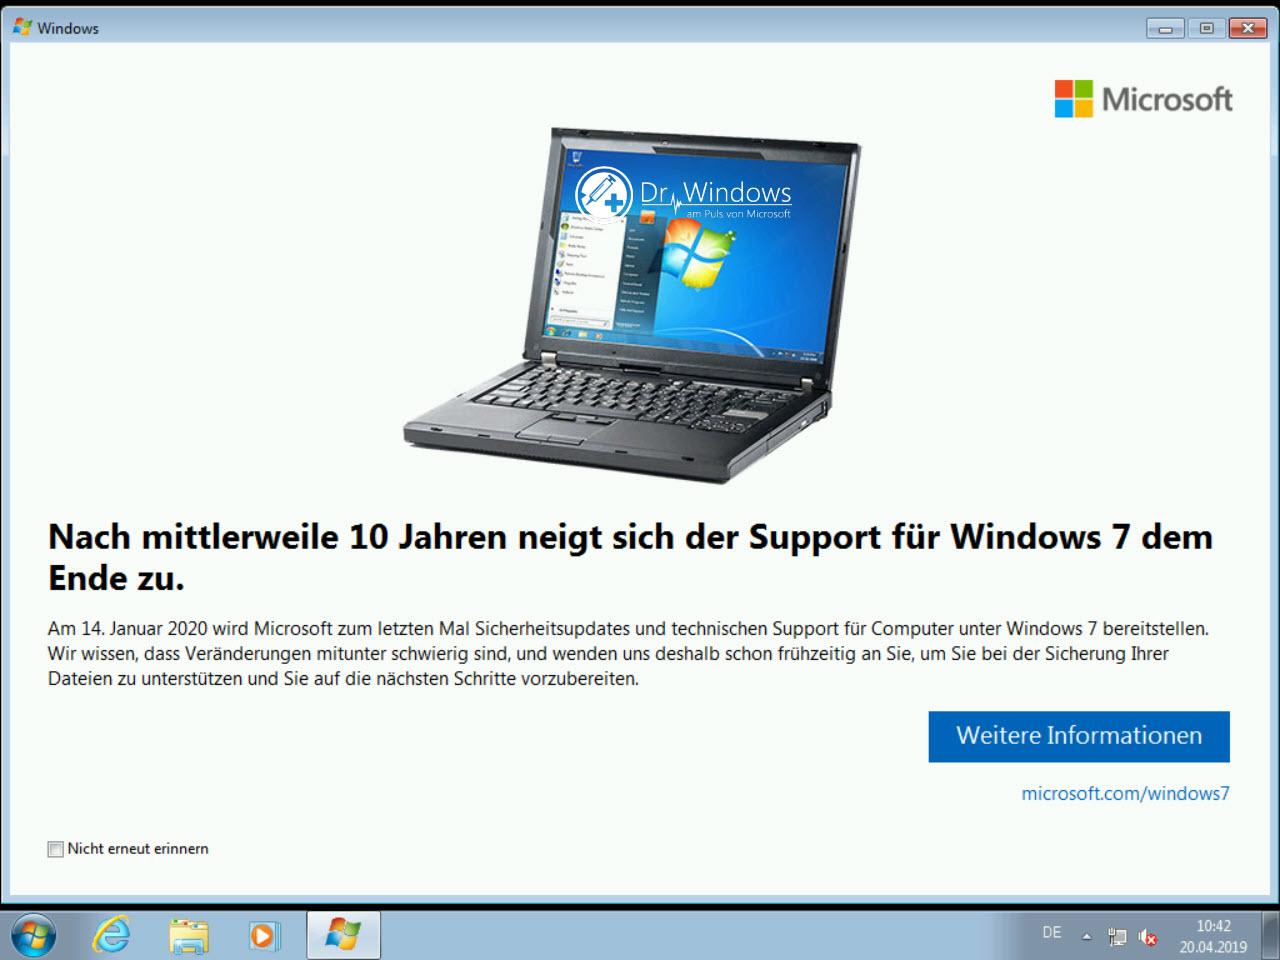 Benachrichtigung über das Supportende von Windows 7